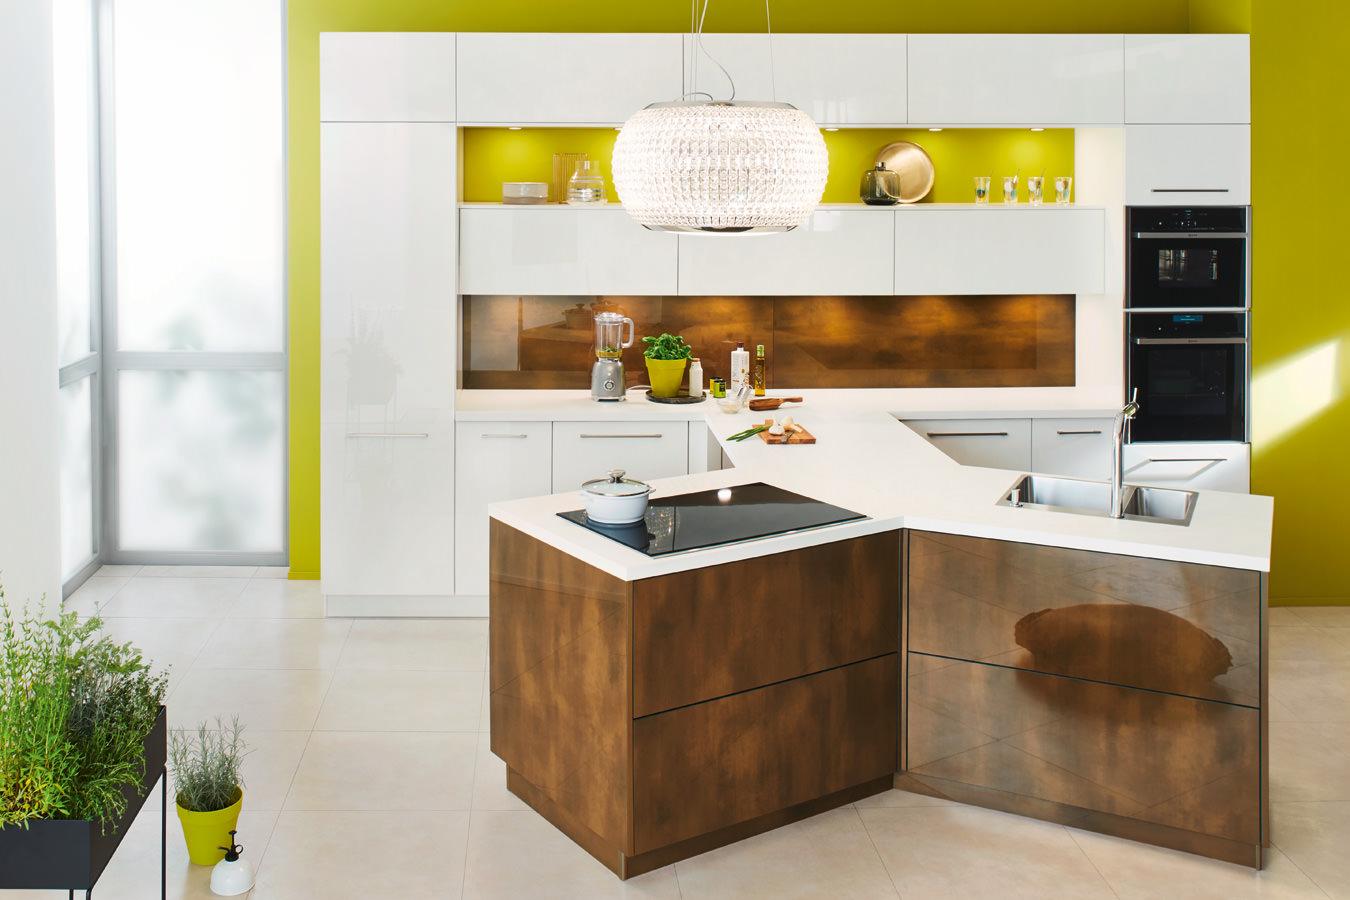 traumk chen aus bernau in unserer k chenausstellung. Black Bedroom Furniture Sets. Home Design Ideas